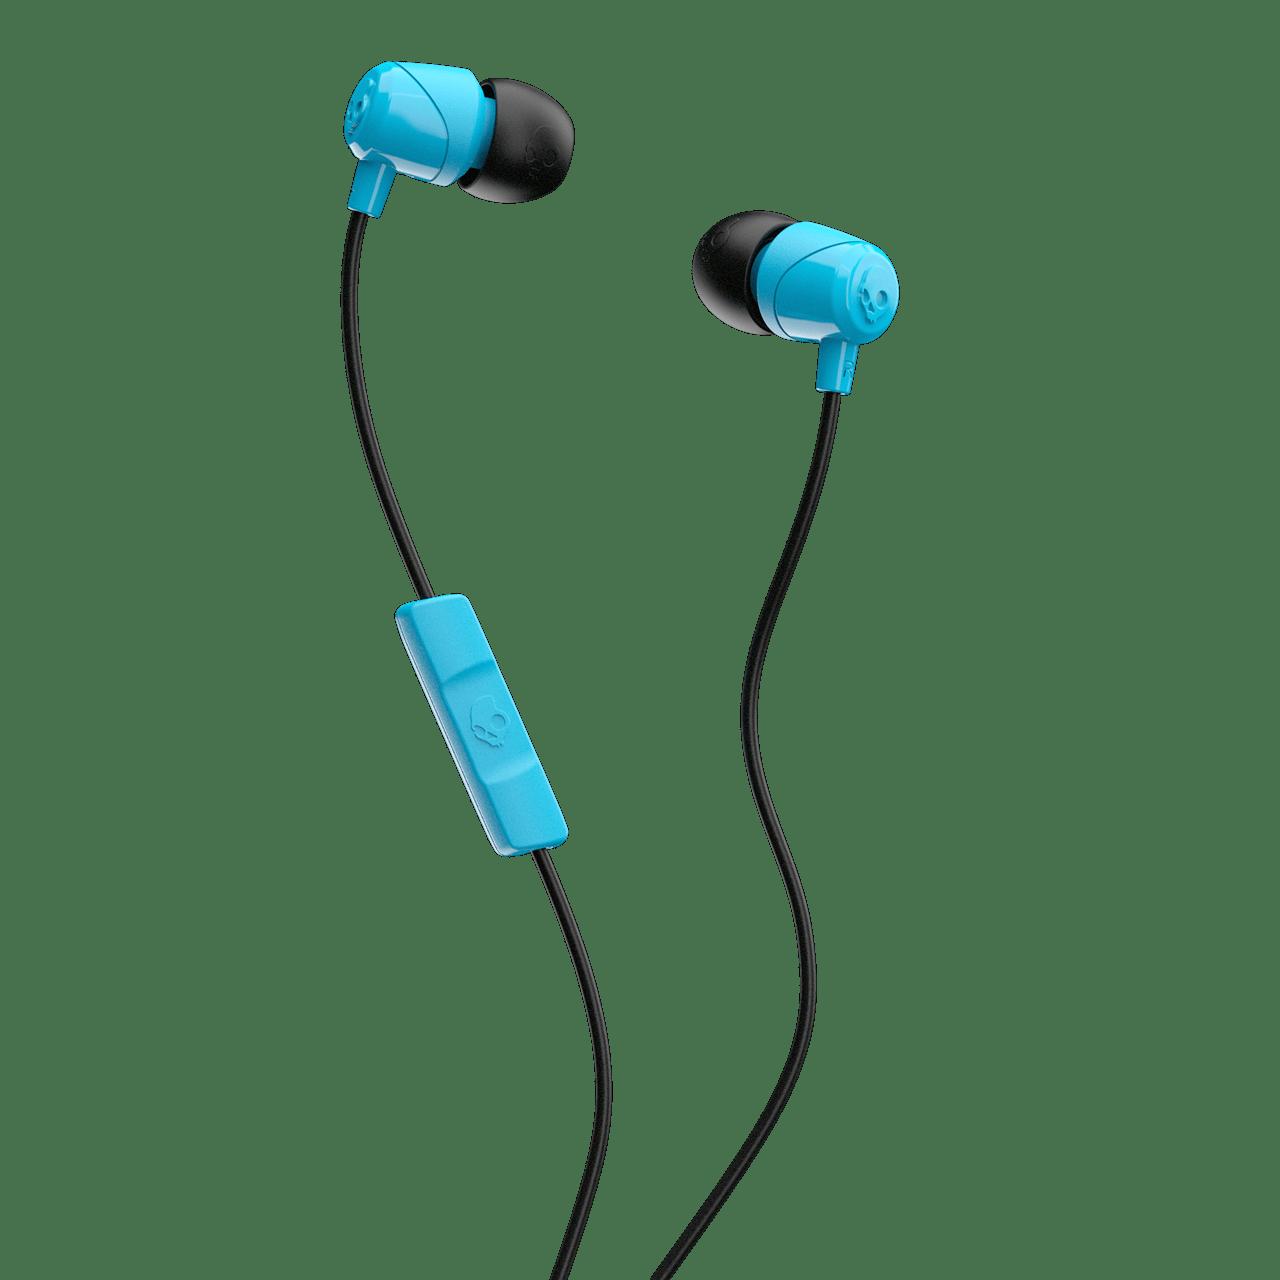 Skullcandy Jib Blue/Black Earphones W/Mic - 1